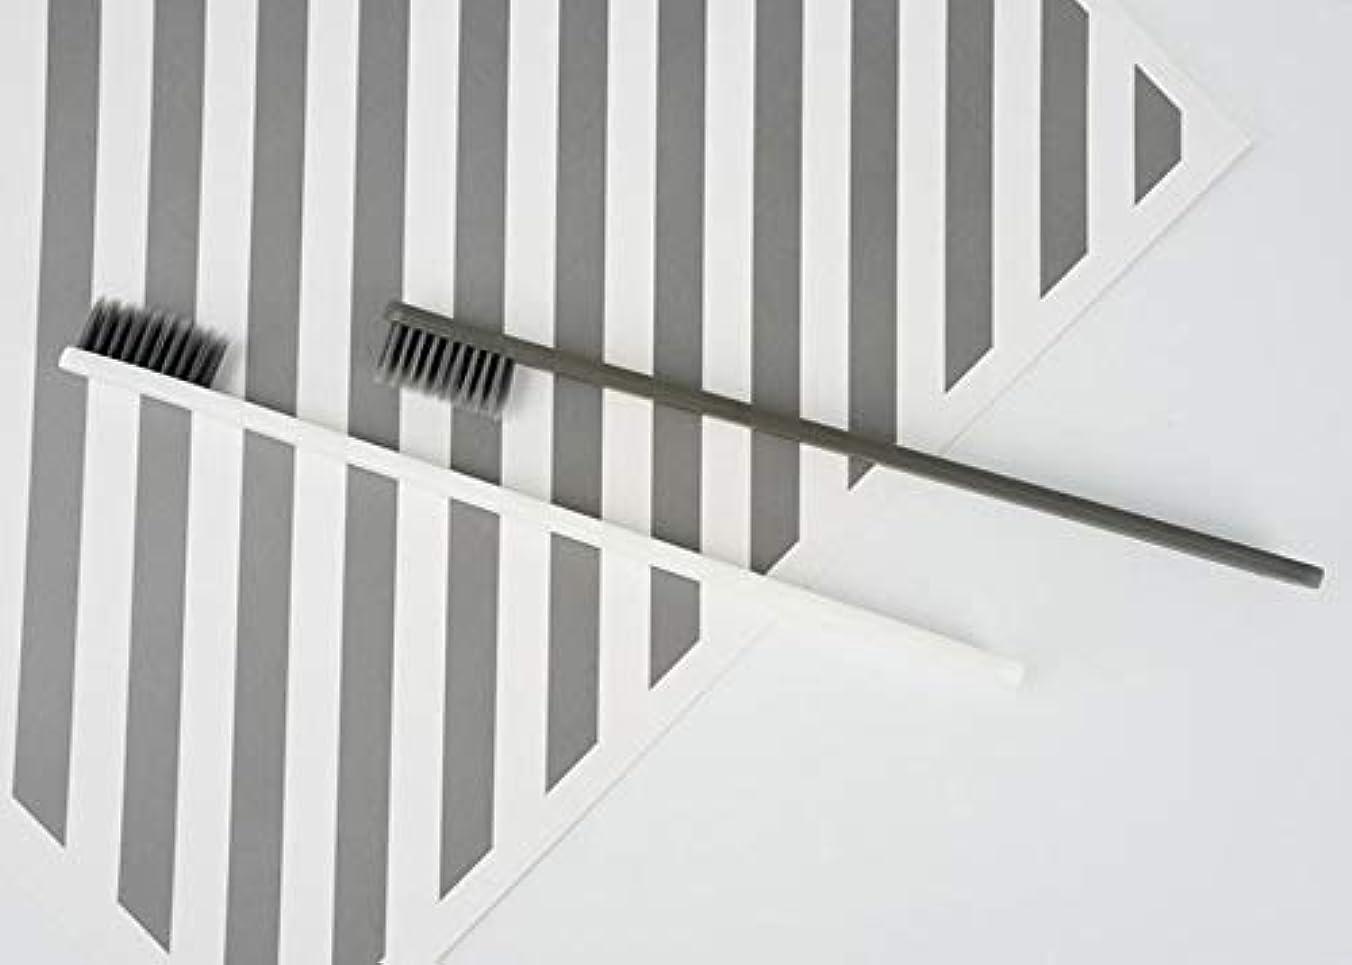 バーマド傑出した戻すホテル歯ブラシ - 5個のファッション 活性炭歯ブラシ 家族のための 口腔洗浄ツール(グレー)